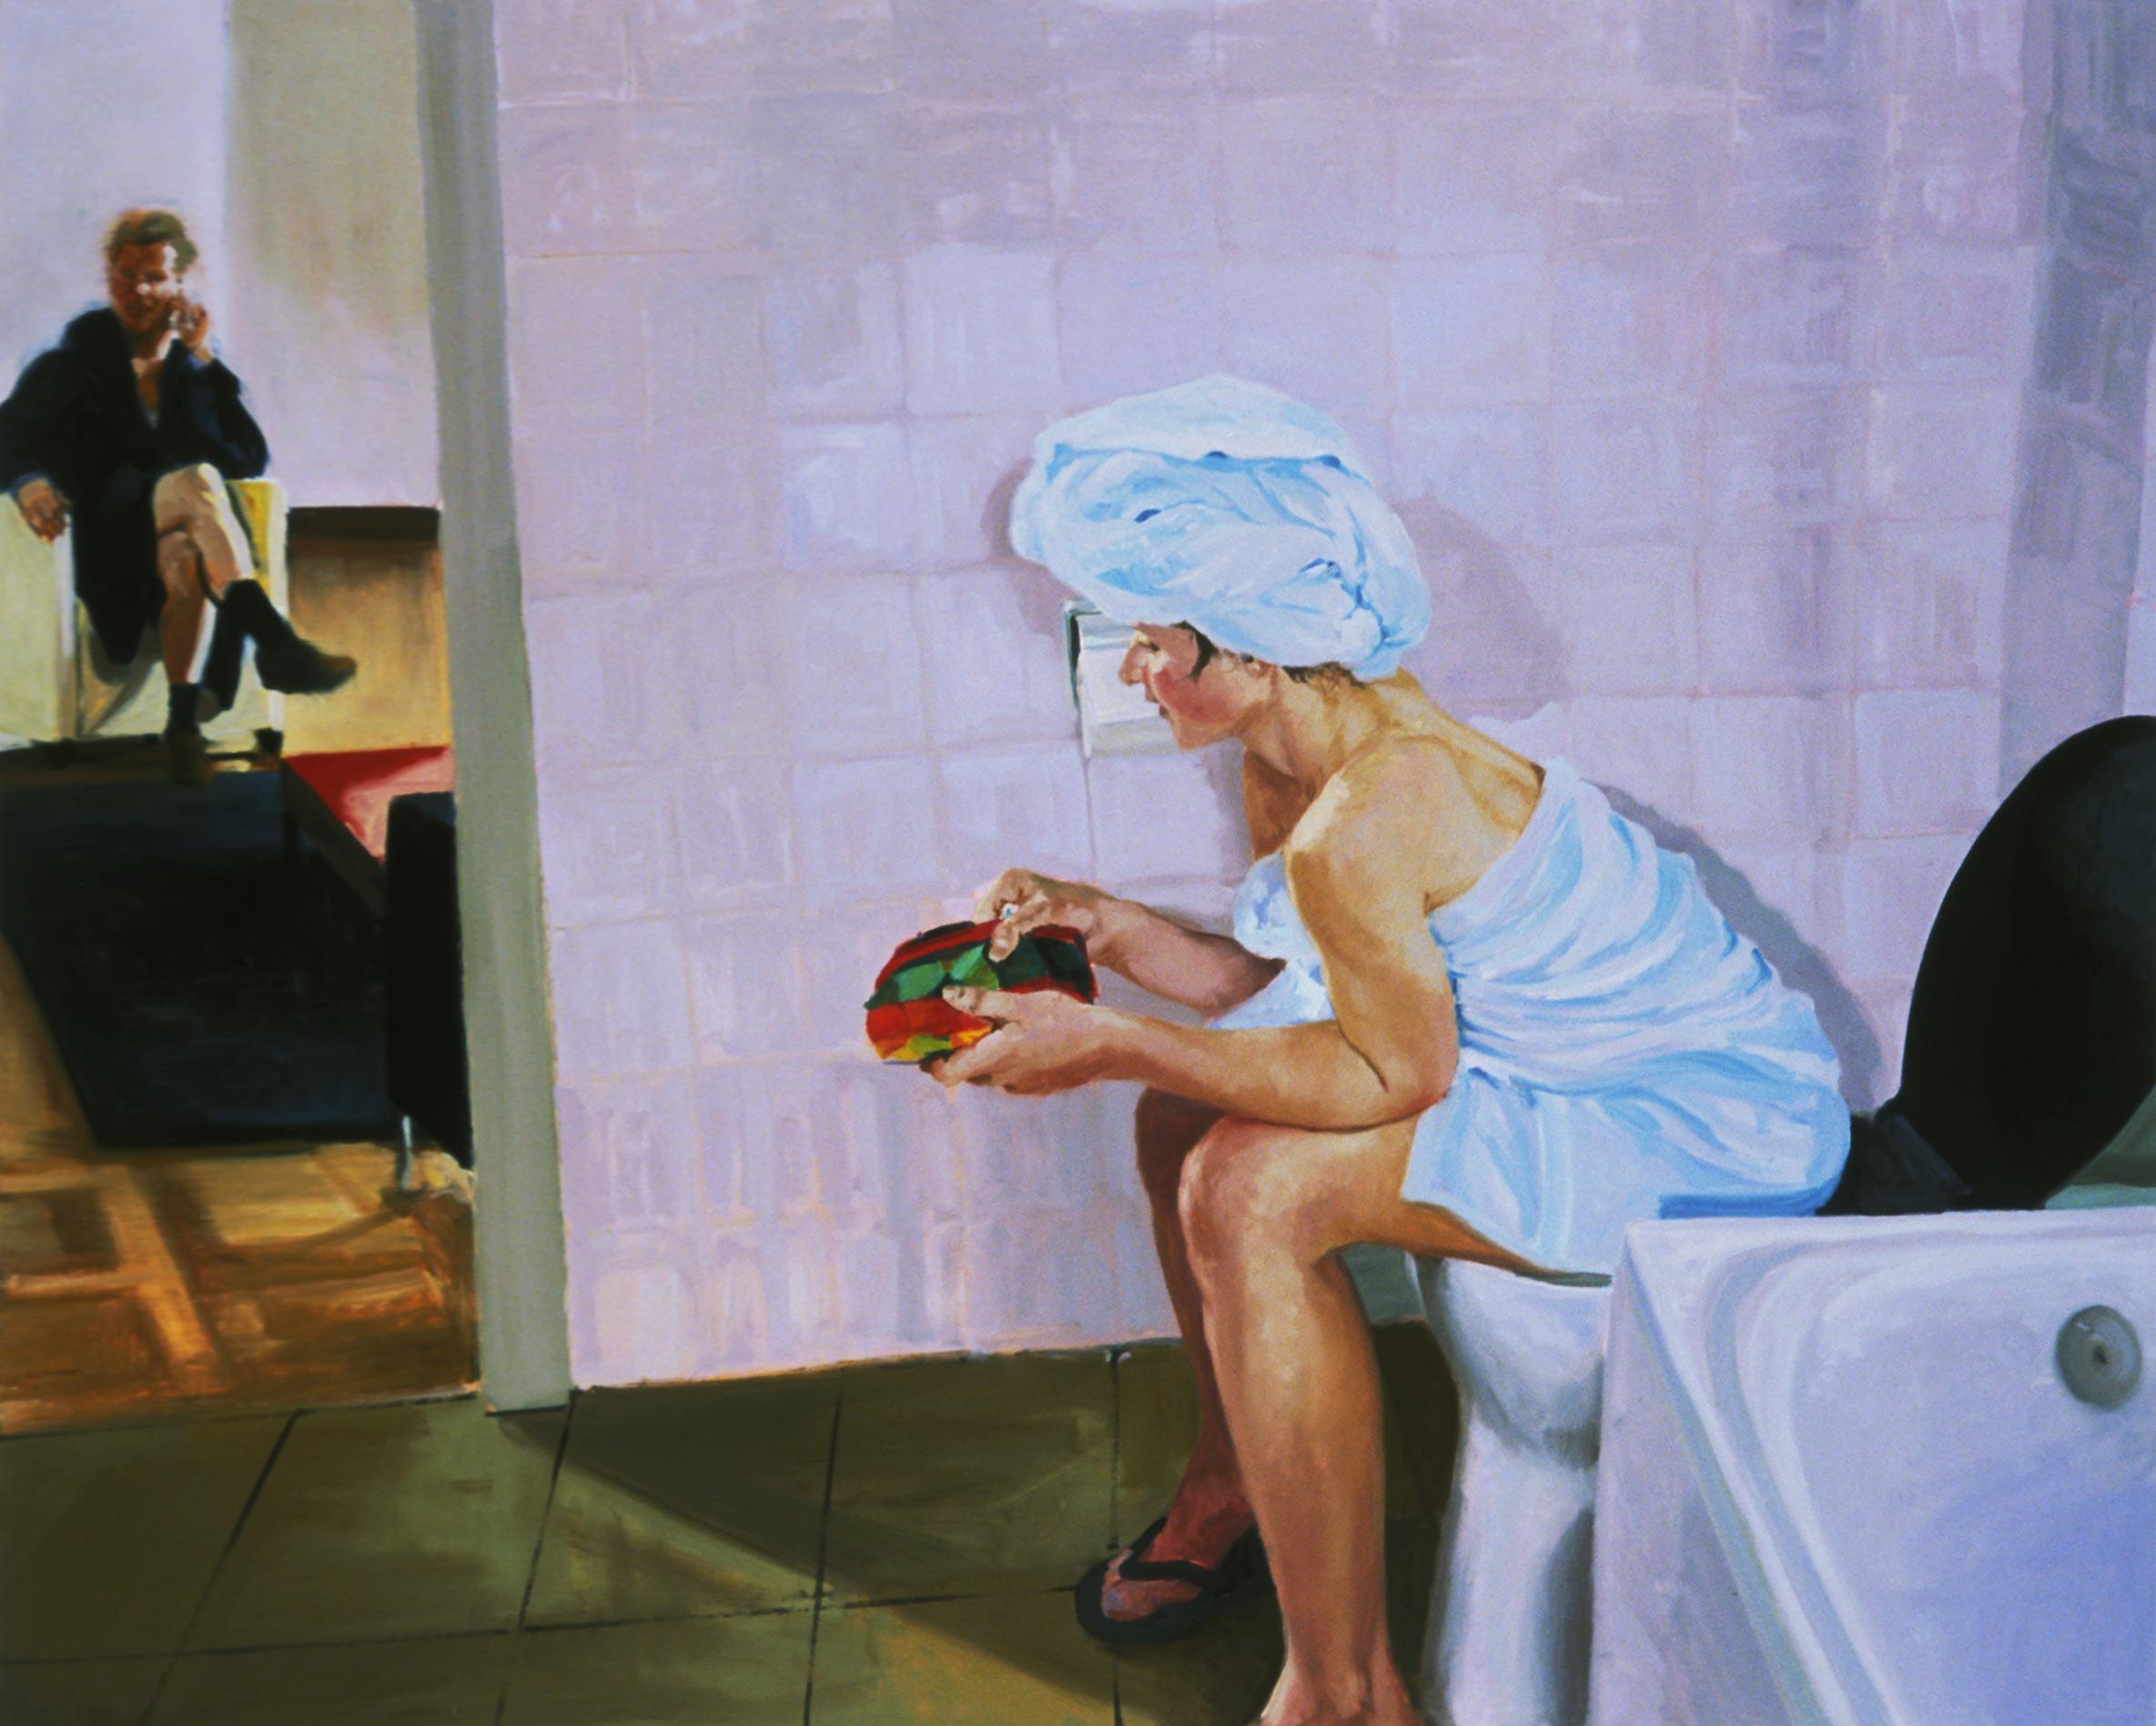 Bathroom, Scene #4, Untitled, 2005.